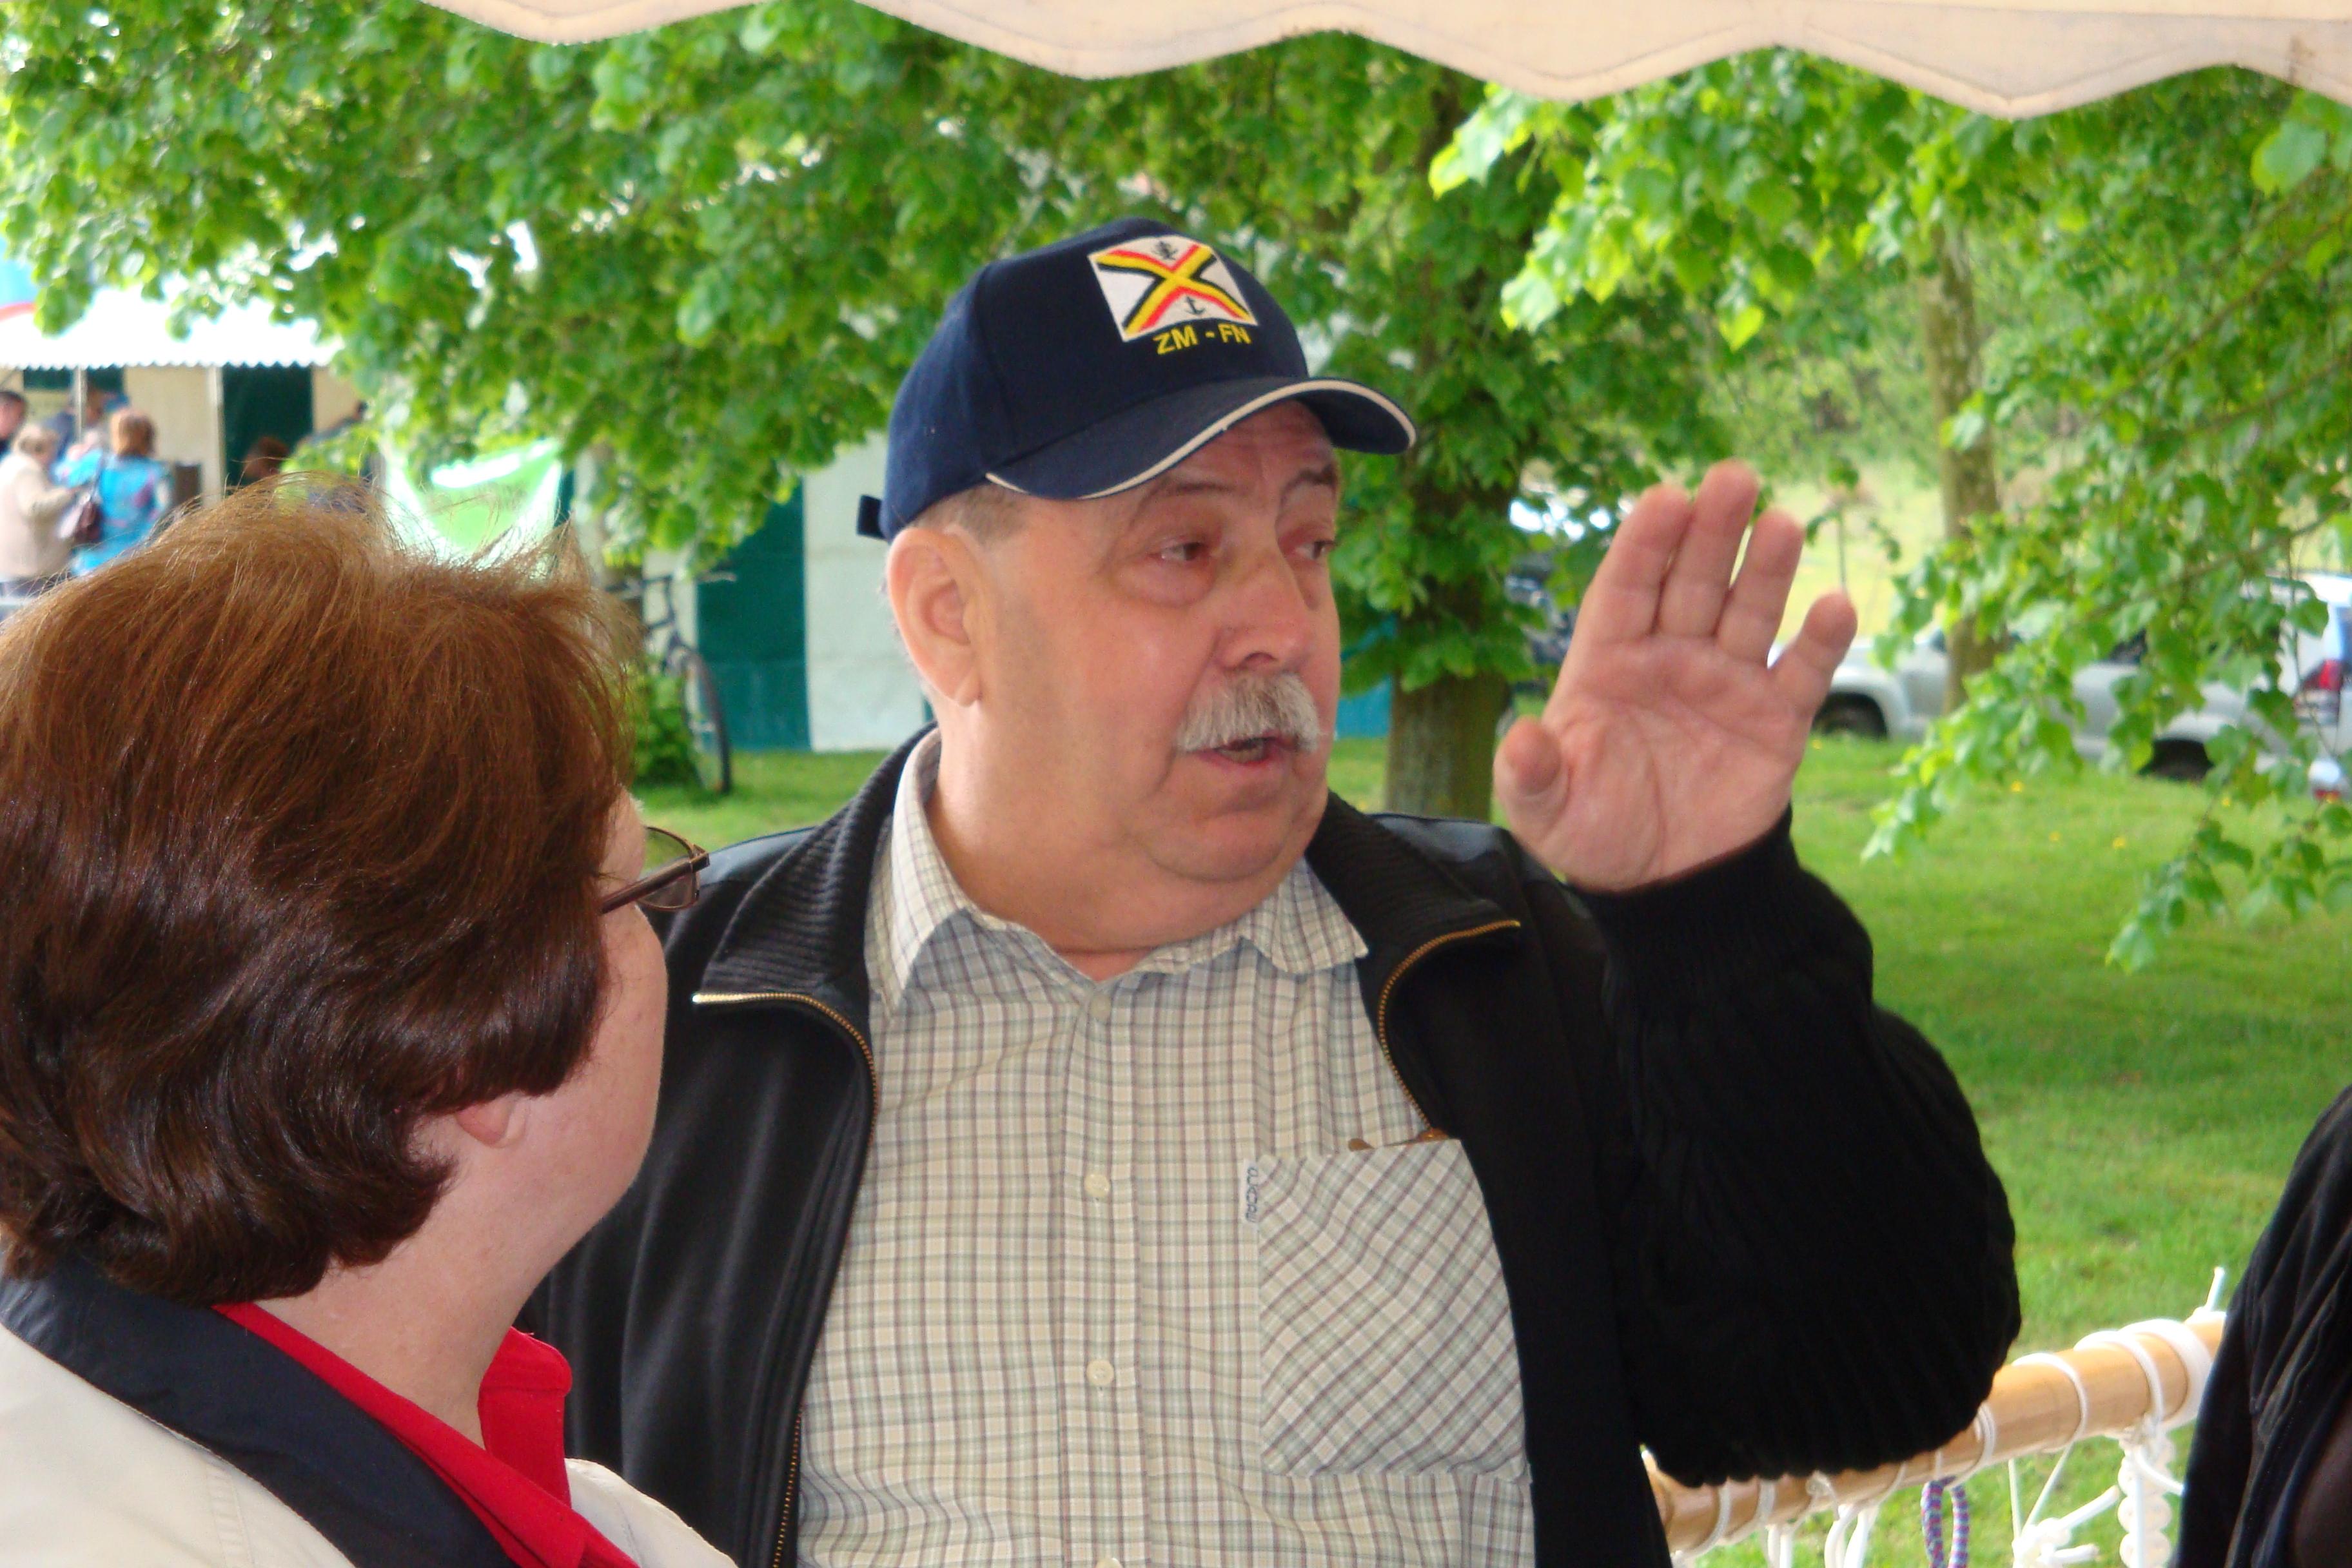 photos de la réunion des anciens à Ittre le 1er mai 2010 - Page 4 100502122927990285945139